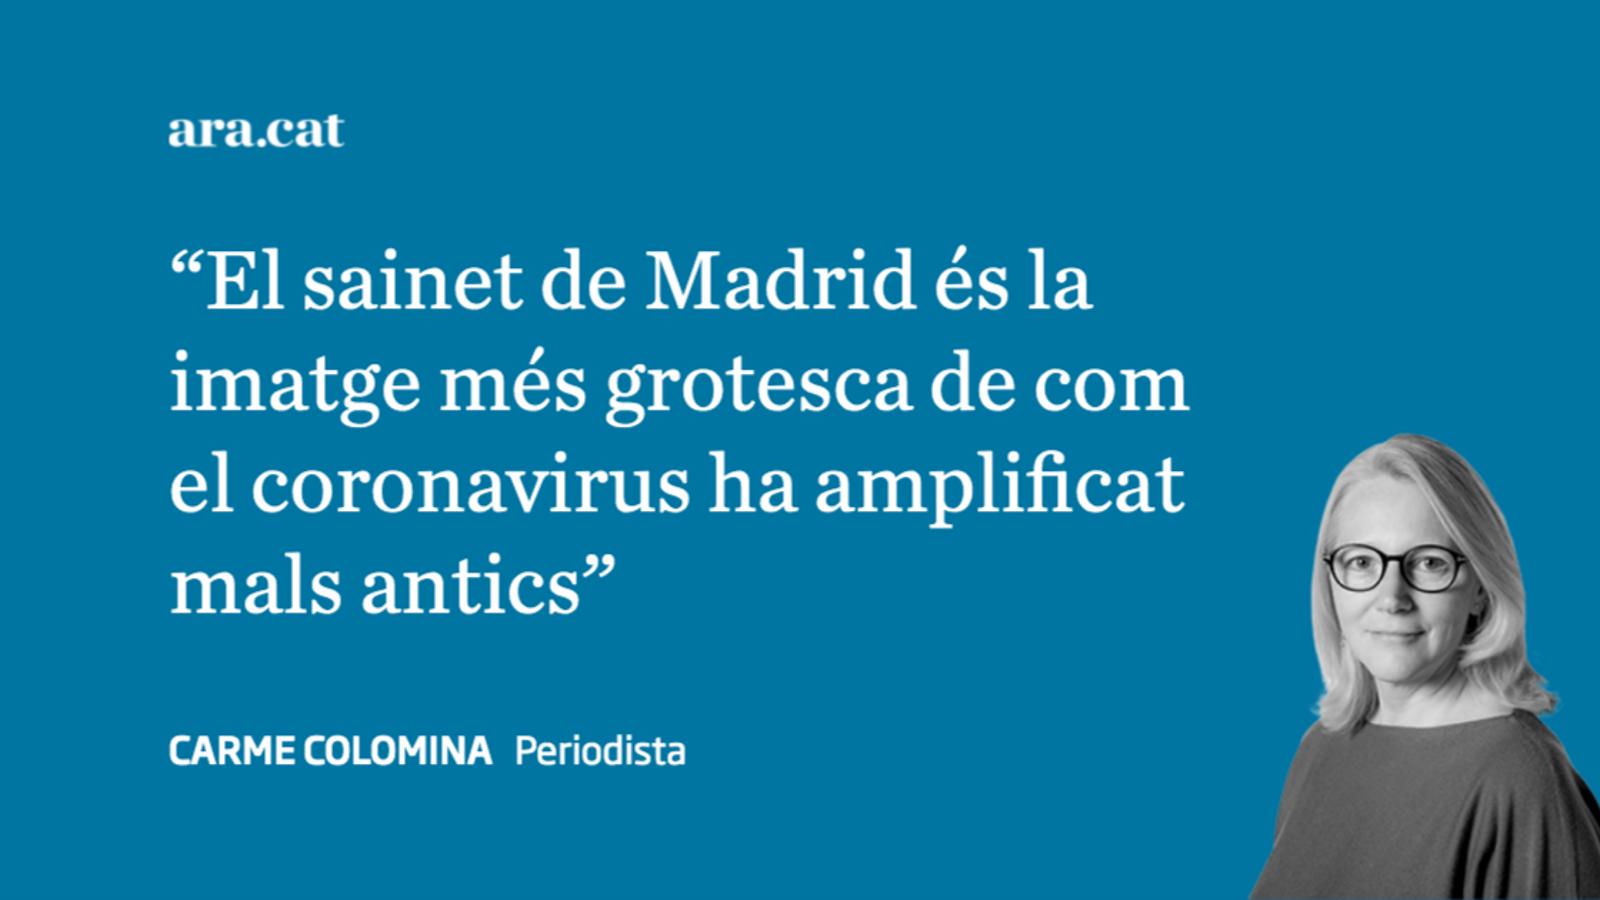 Les divisions territorials de la pandèmia